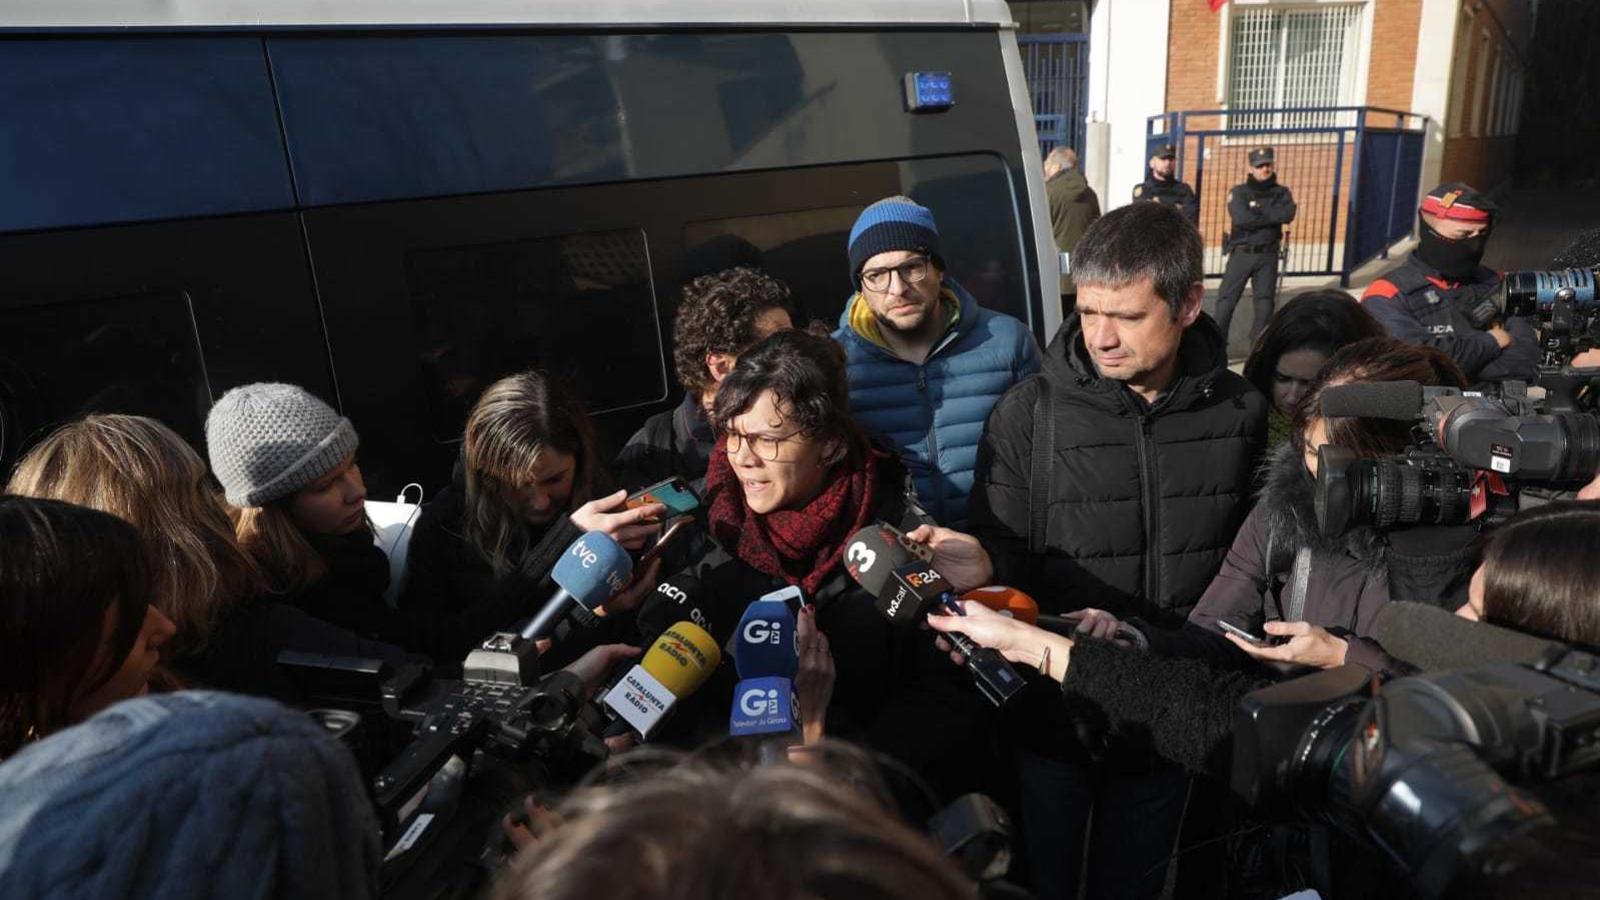 La diputada de la CUP Natàlia Sànchez, davant la comissaria de Girona